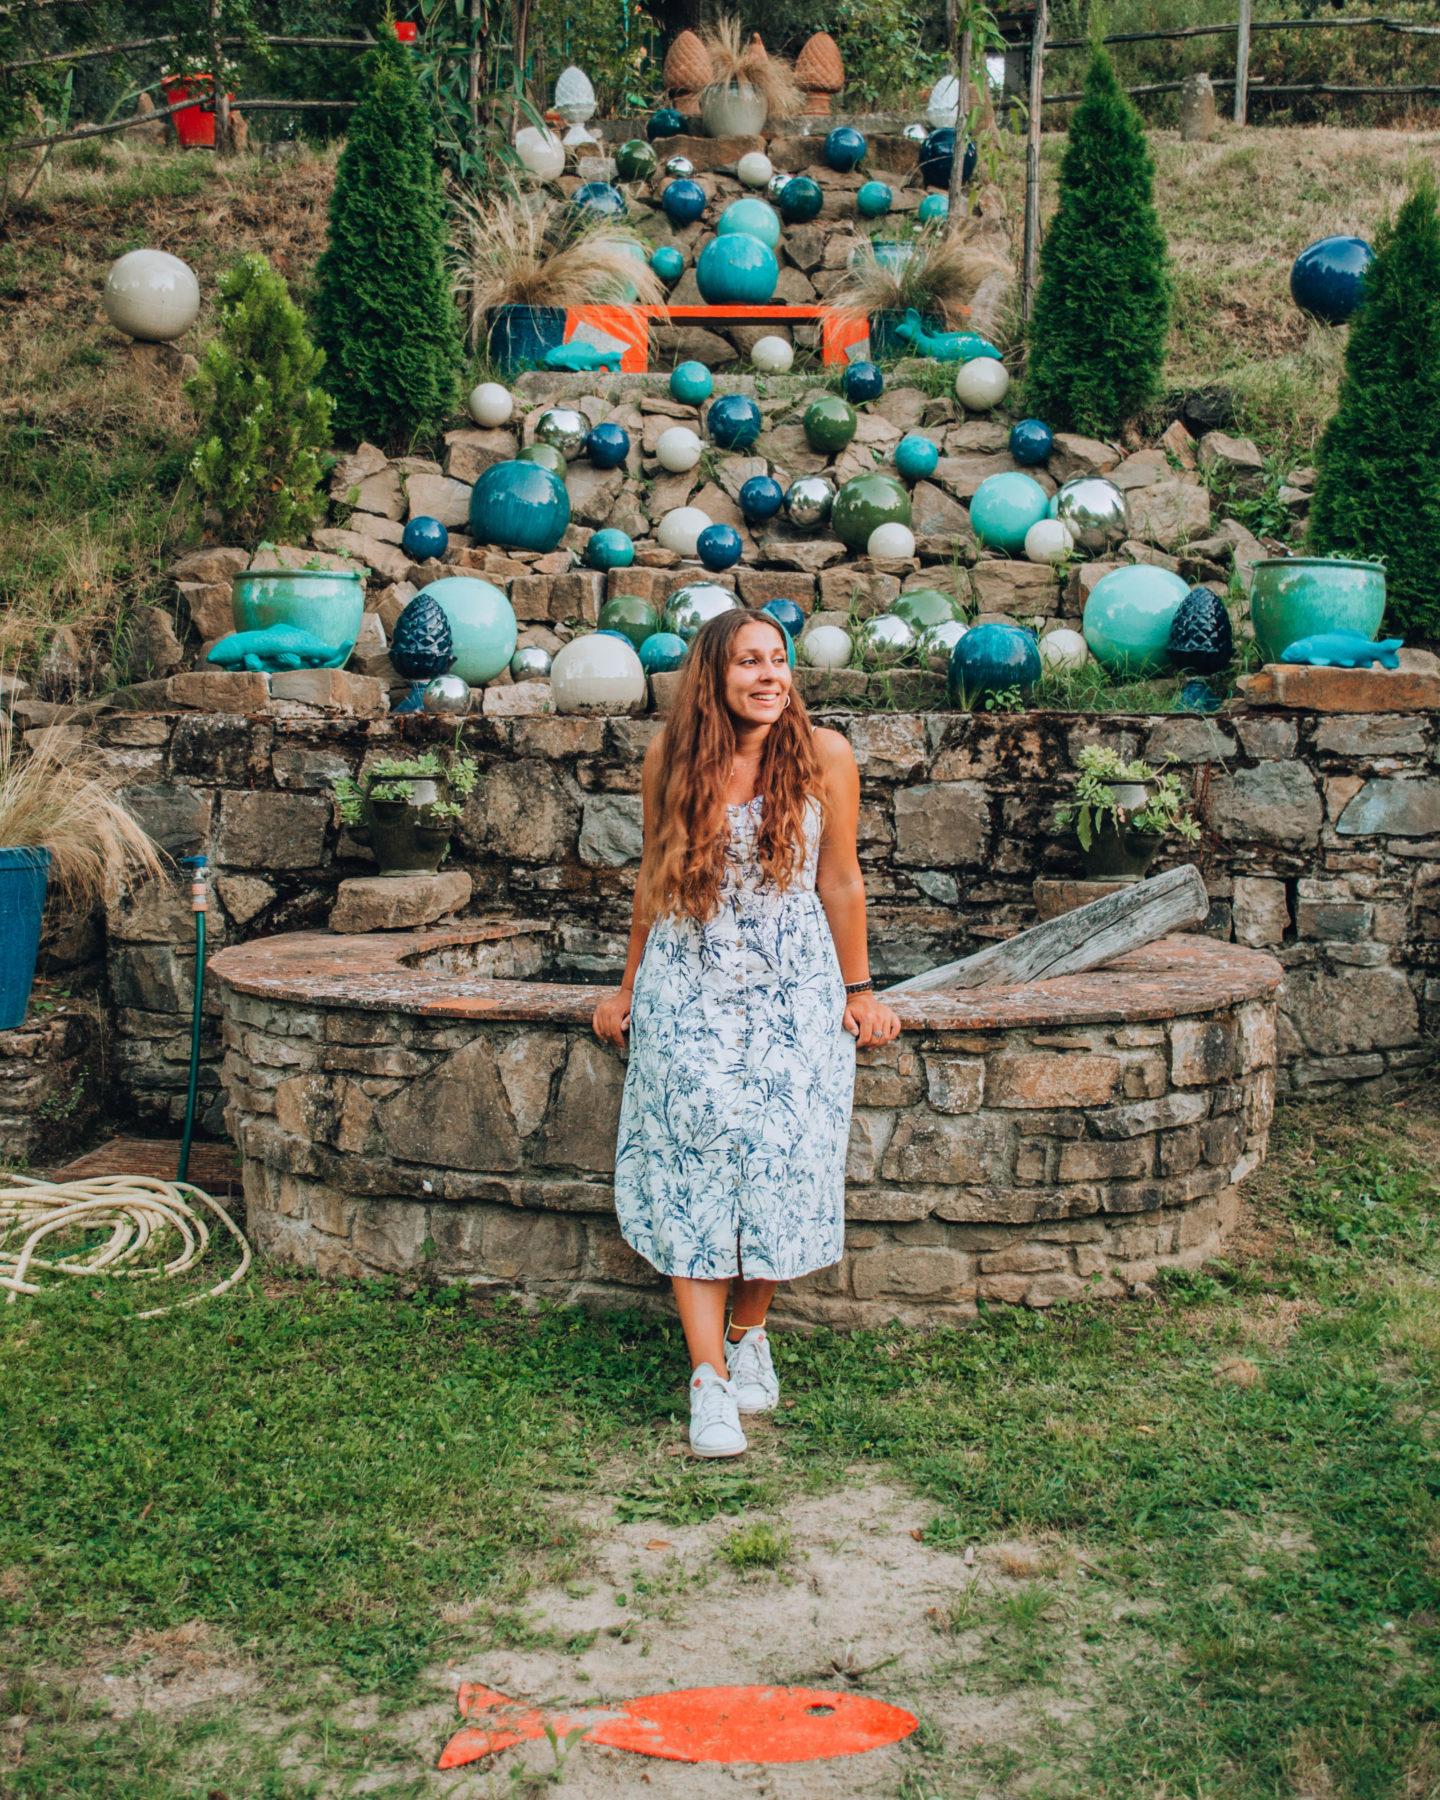 ragazza con vestito bianco davanti a una cascata di palle blu di ceramica